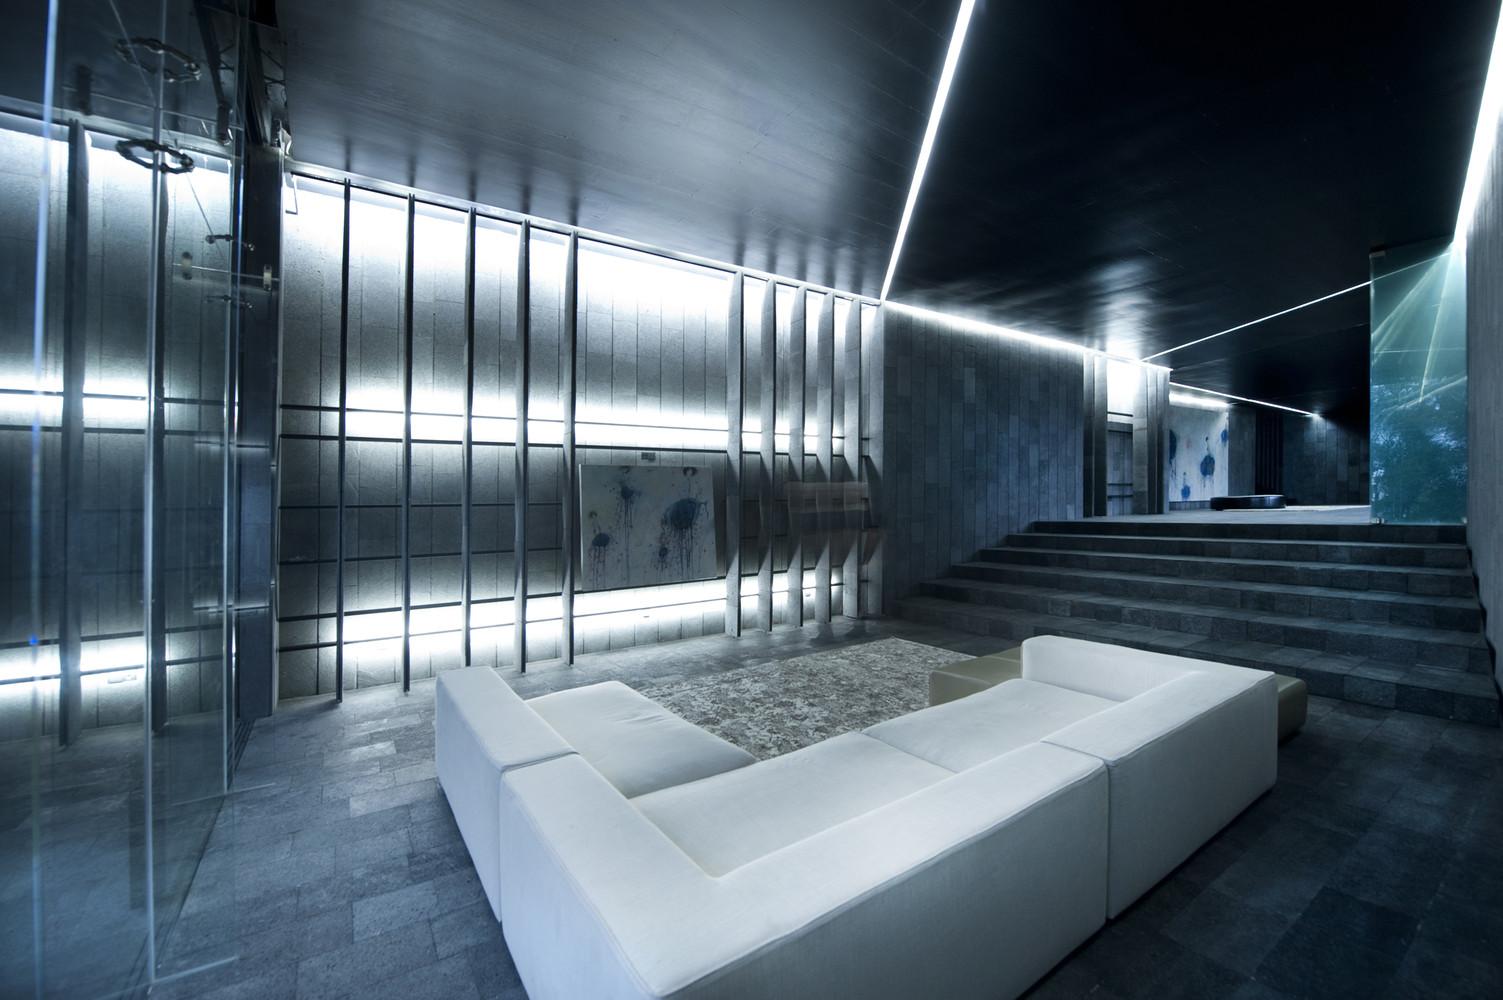 En BSLIGHT instalamos luces led en todo tipo de instalaciones